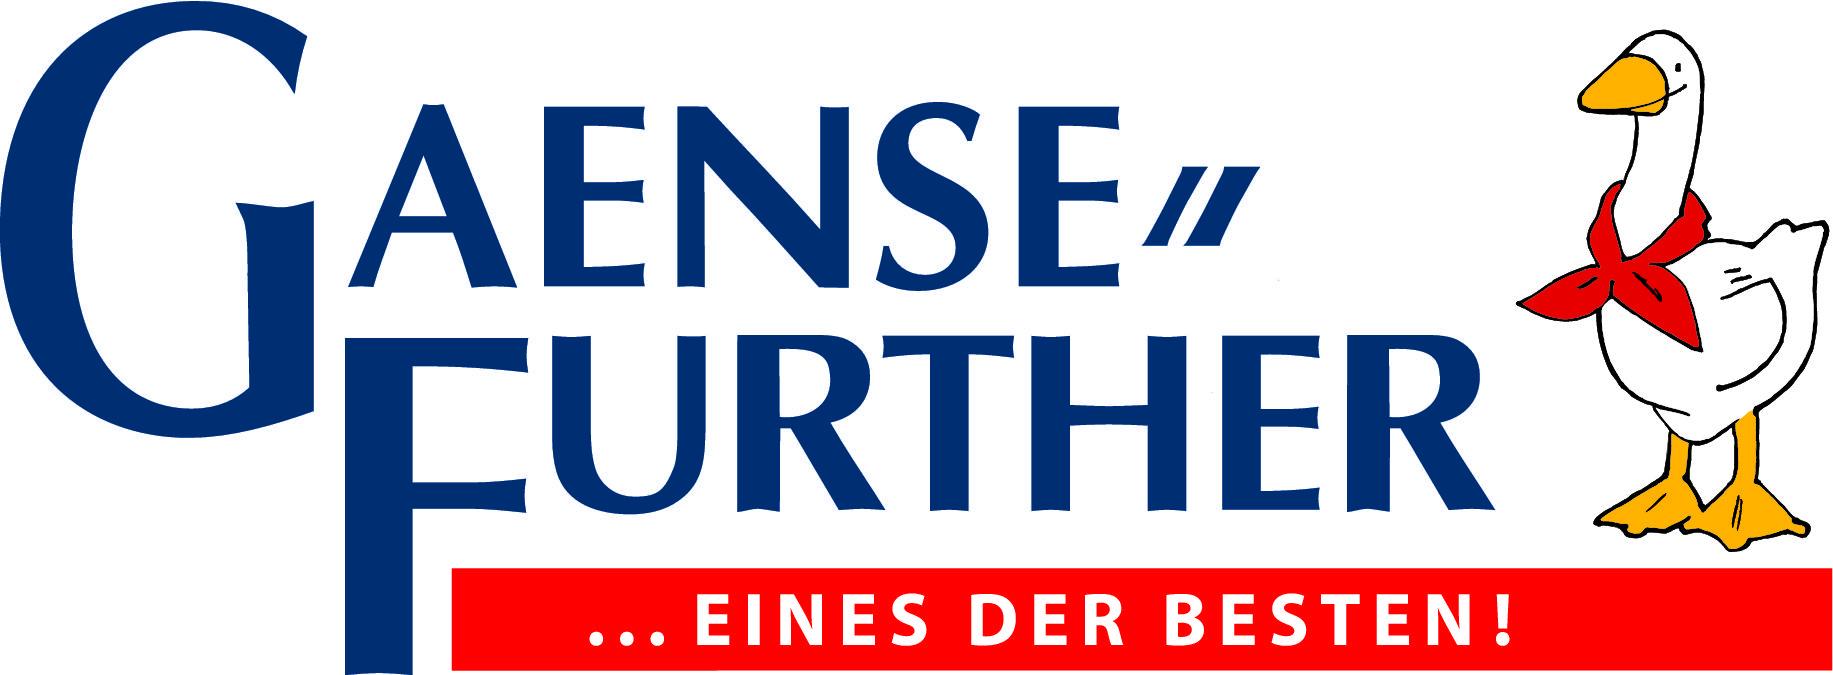 Gaensefurther Schlossbrunnen: Marktführer in Sachsen-Anhalt füllt dreimilliardste Flasche Mineralwasser ab